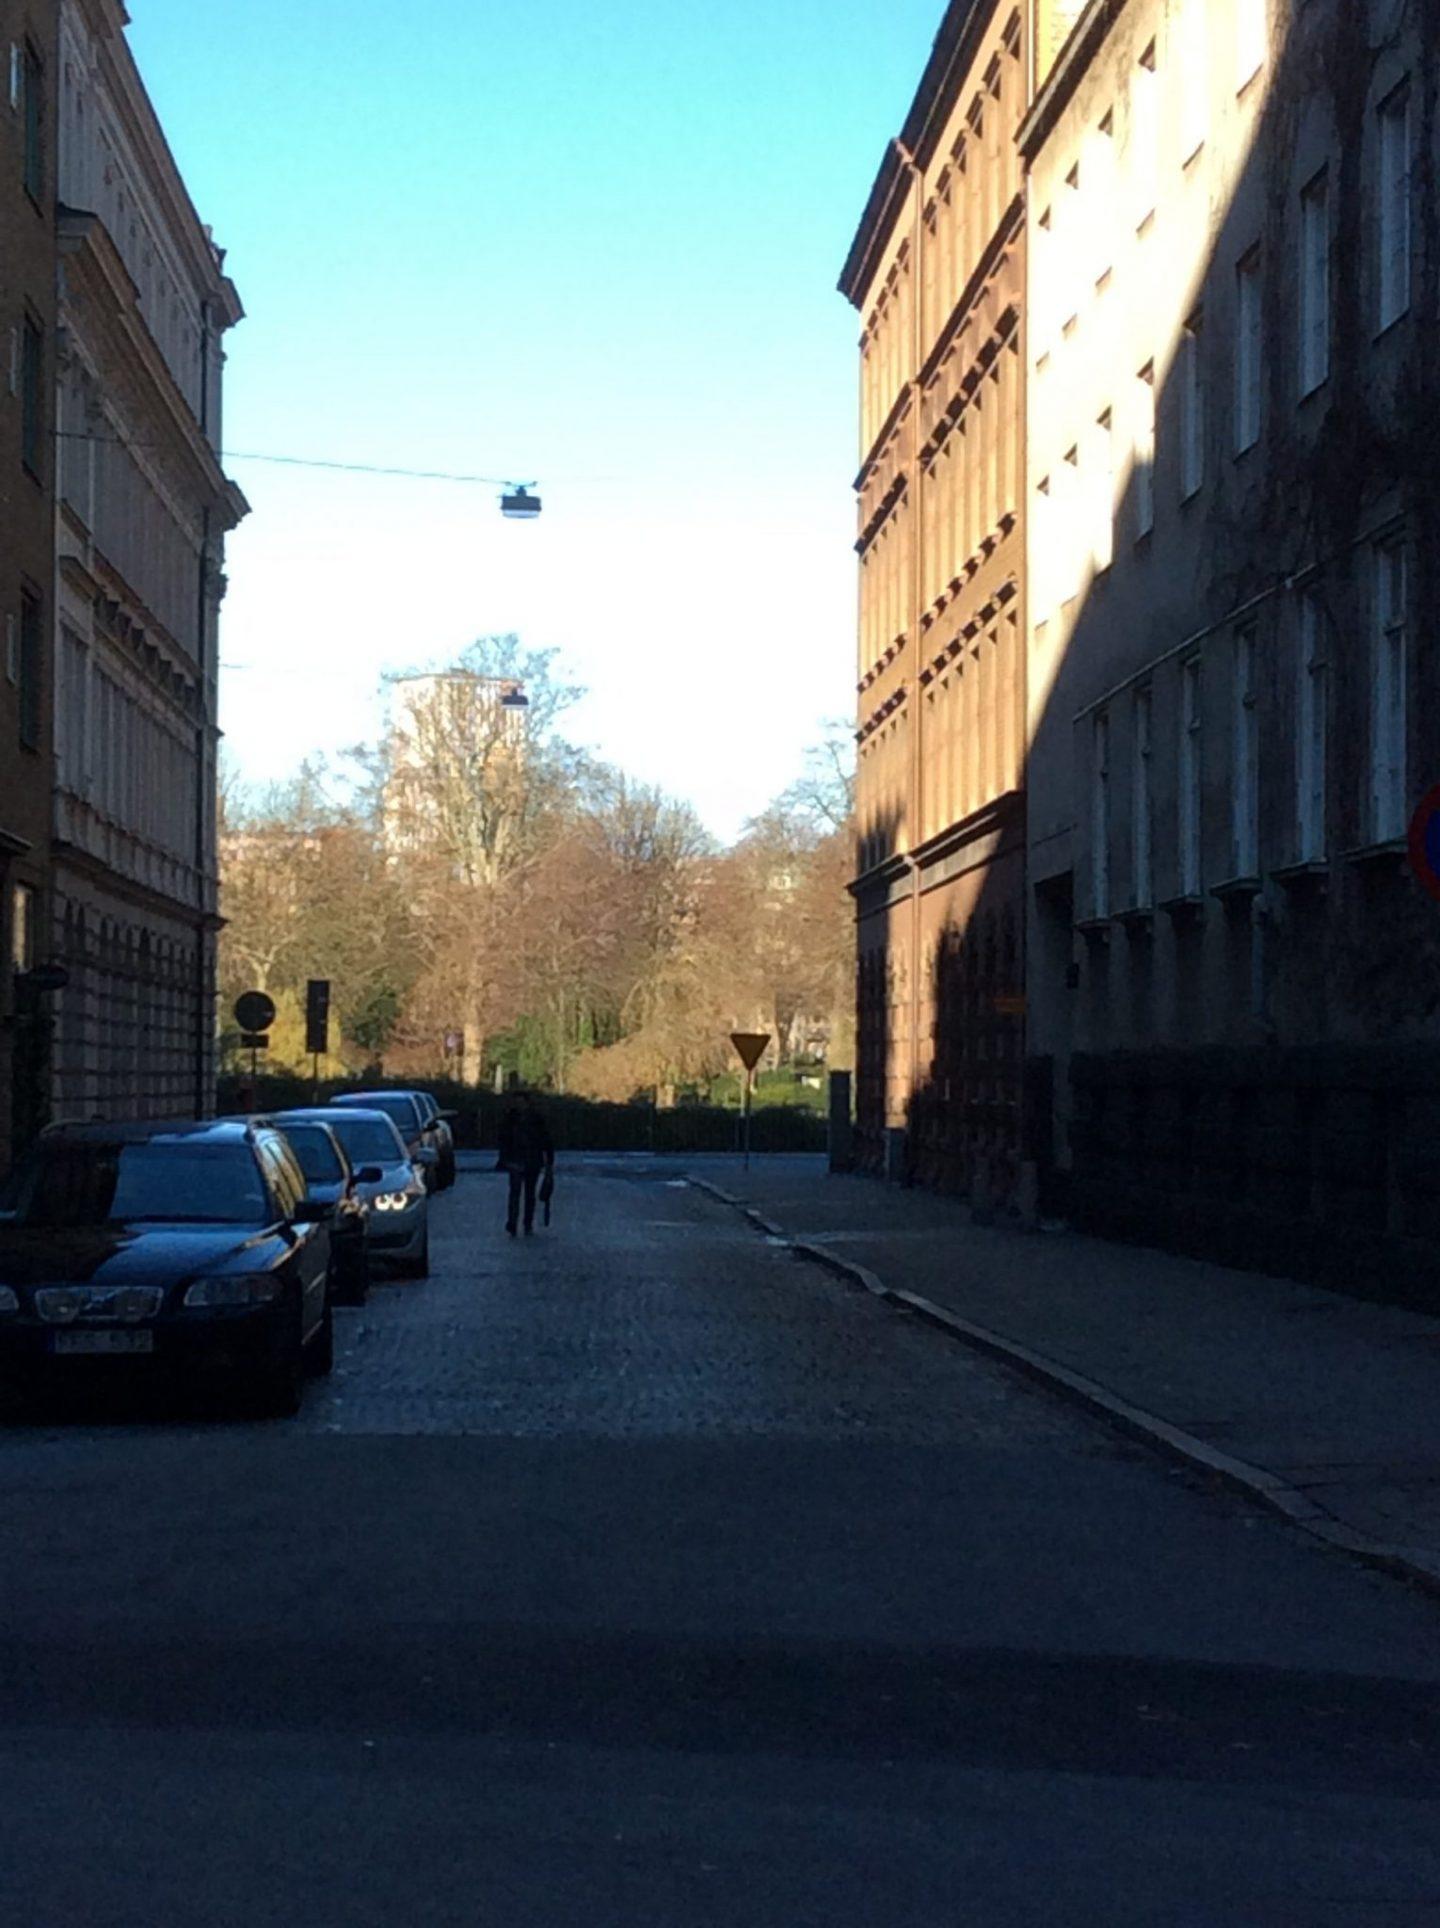 IMG 0145 1440x1928 - Malmö and the history